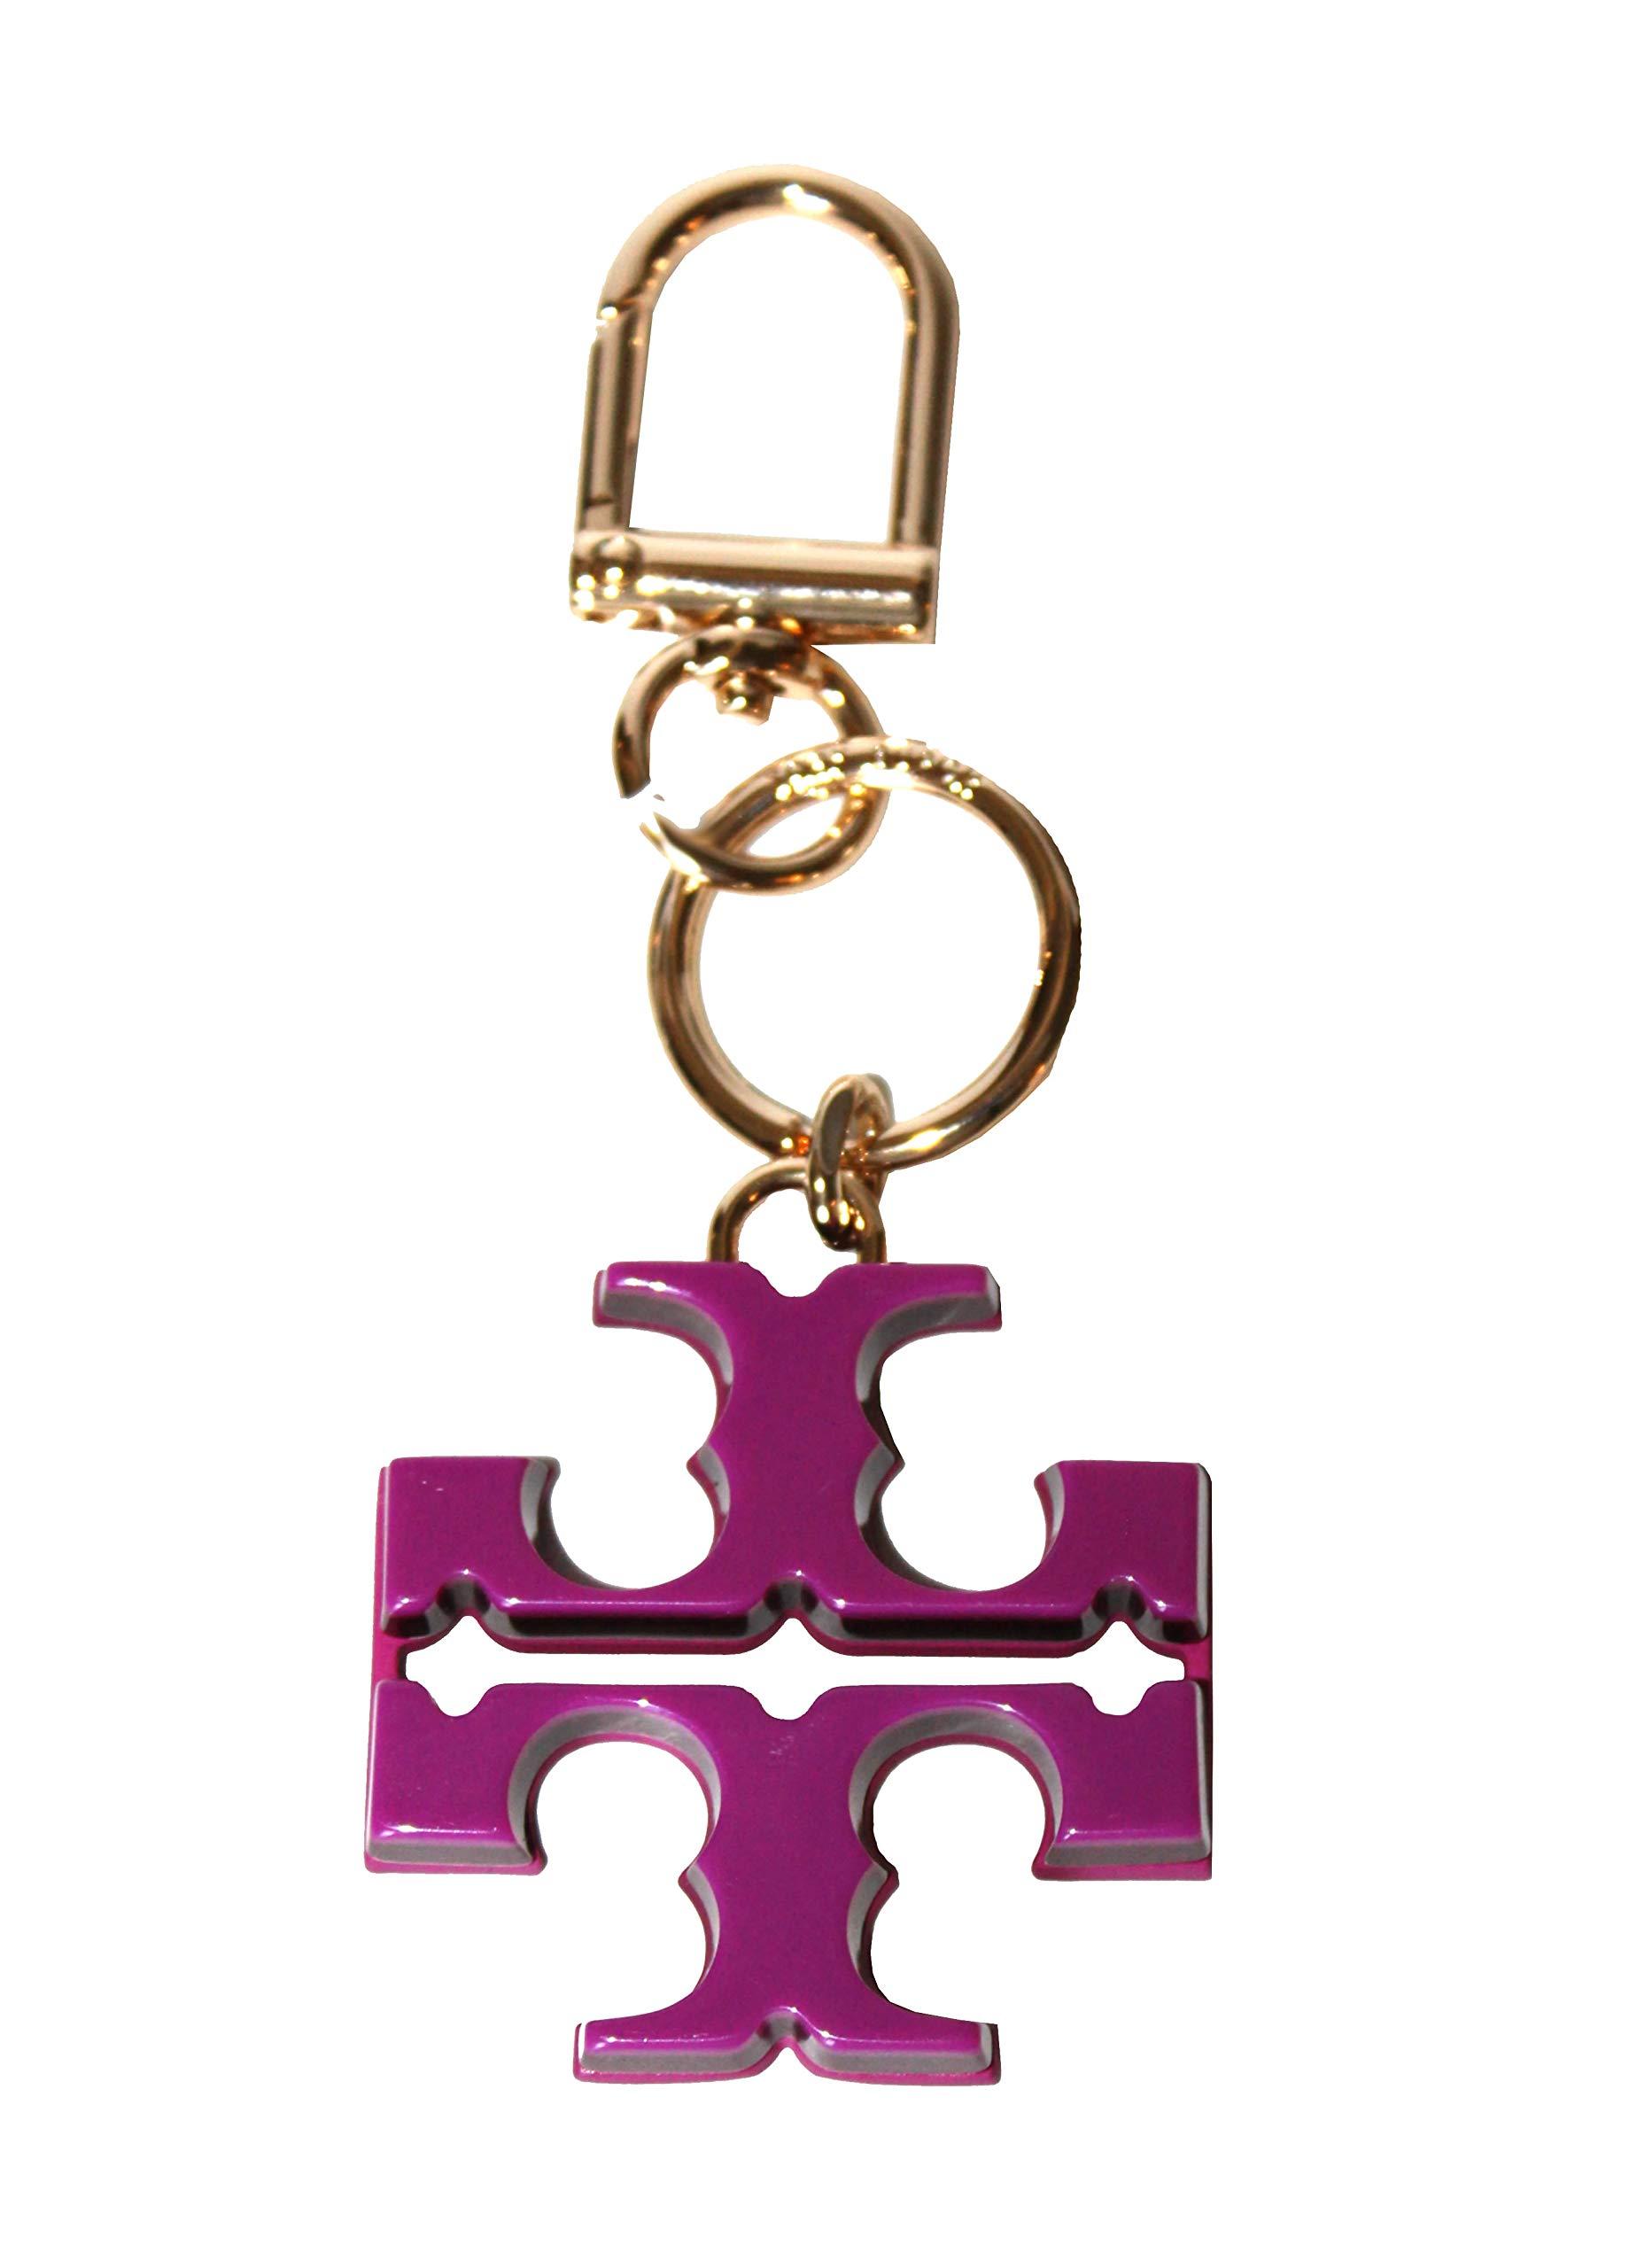 Tory Burch Resin T Logo Keyfob Key chain 52913 (Party Fuschia/Imperial Garnet)